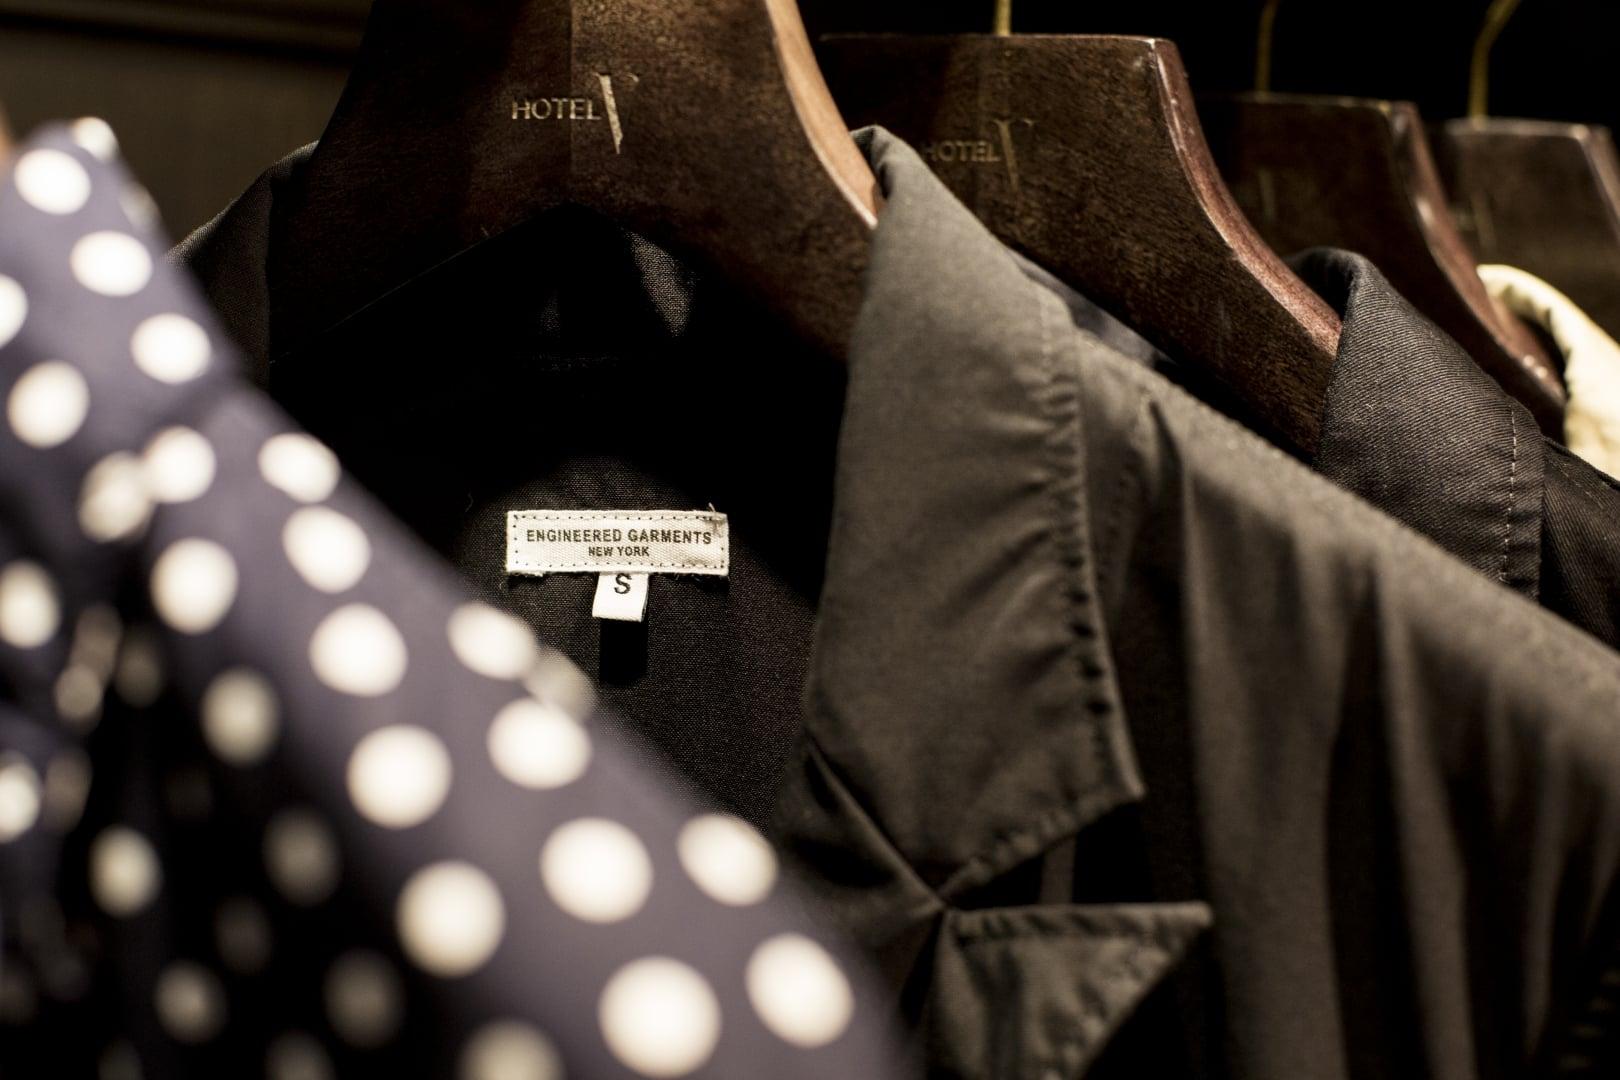 # HOTEL V 專訪:探索美好舒適的服裝聚落 19